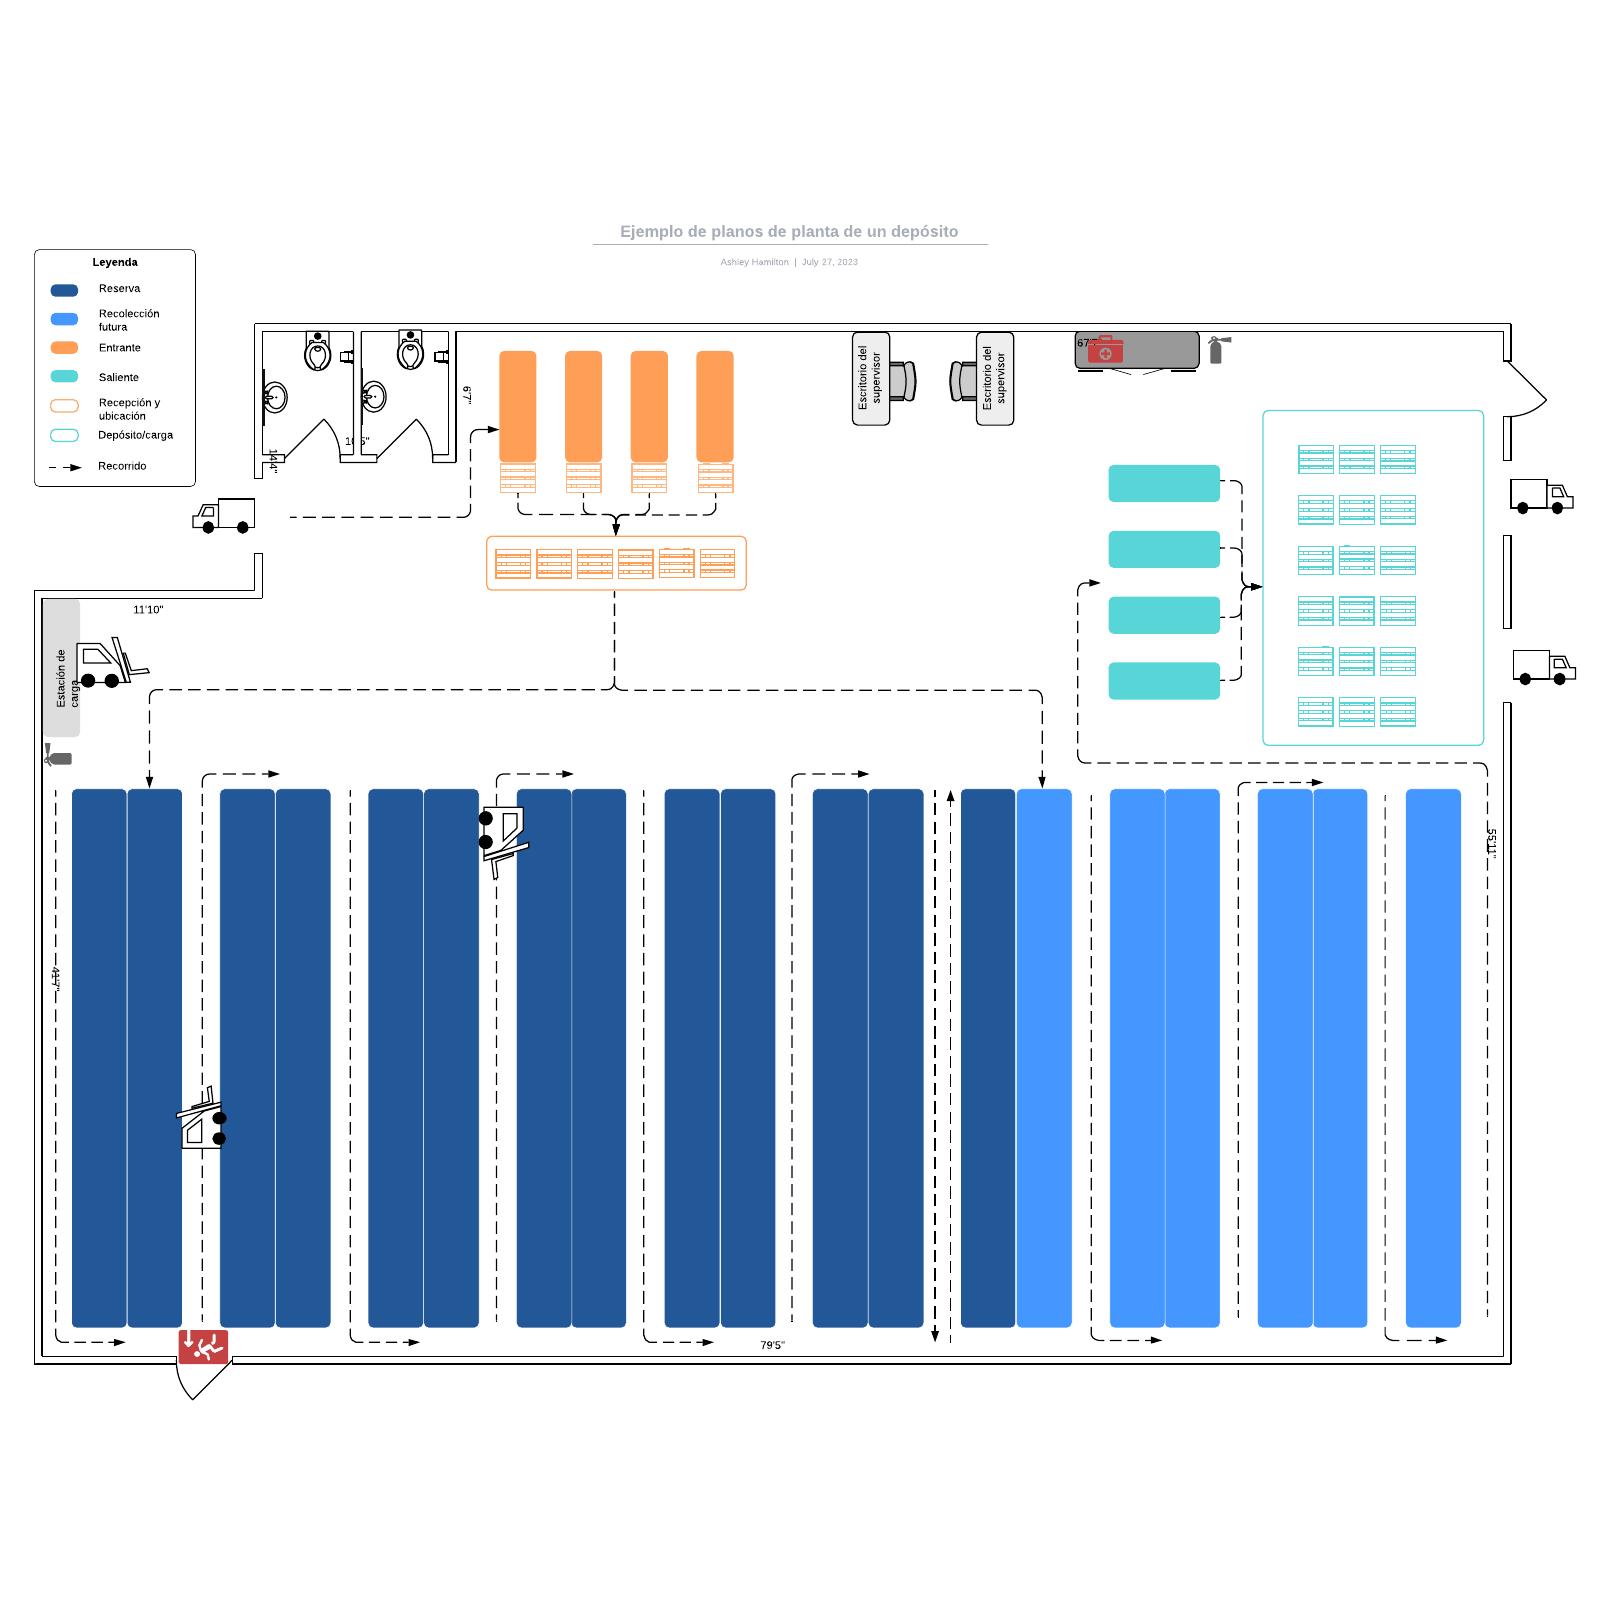 Ejemplo de planos de planta de un depósito